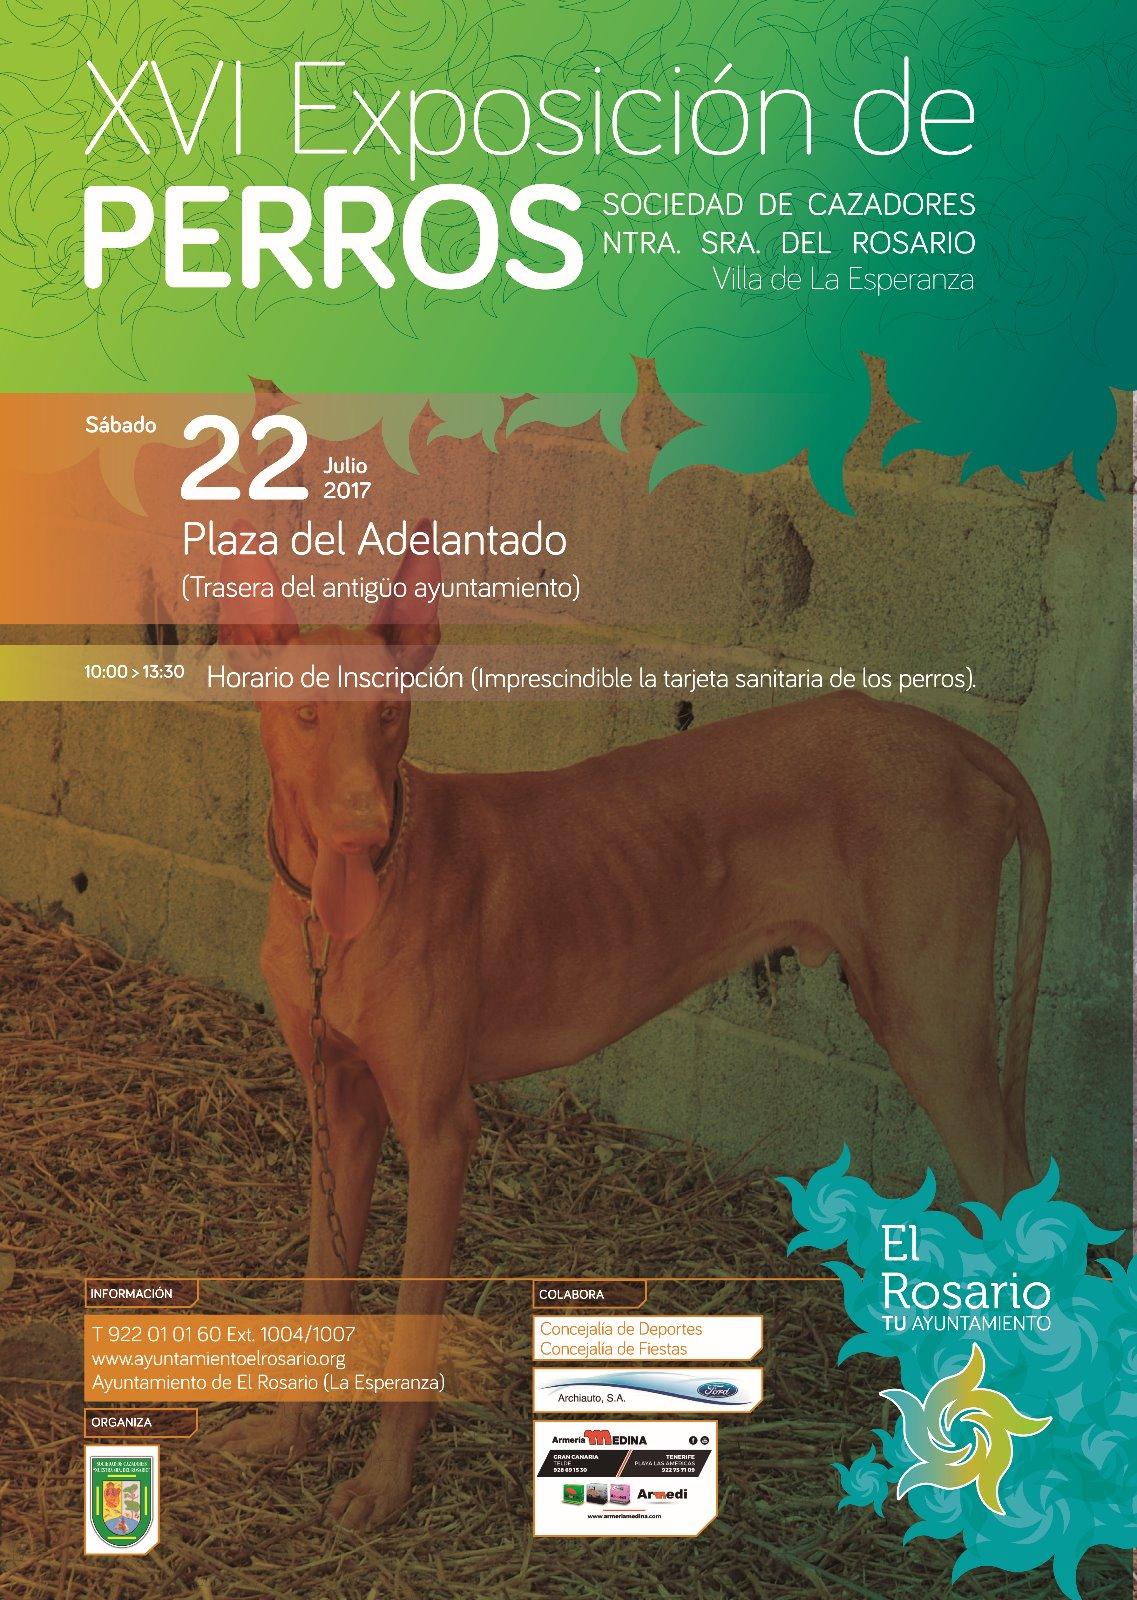 XVI Exposcicion Perros de Caza